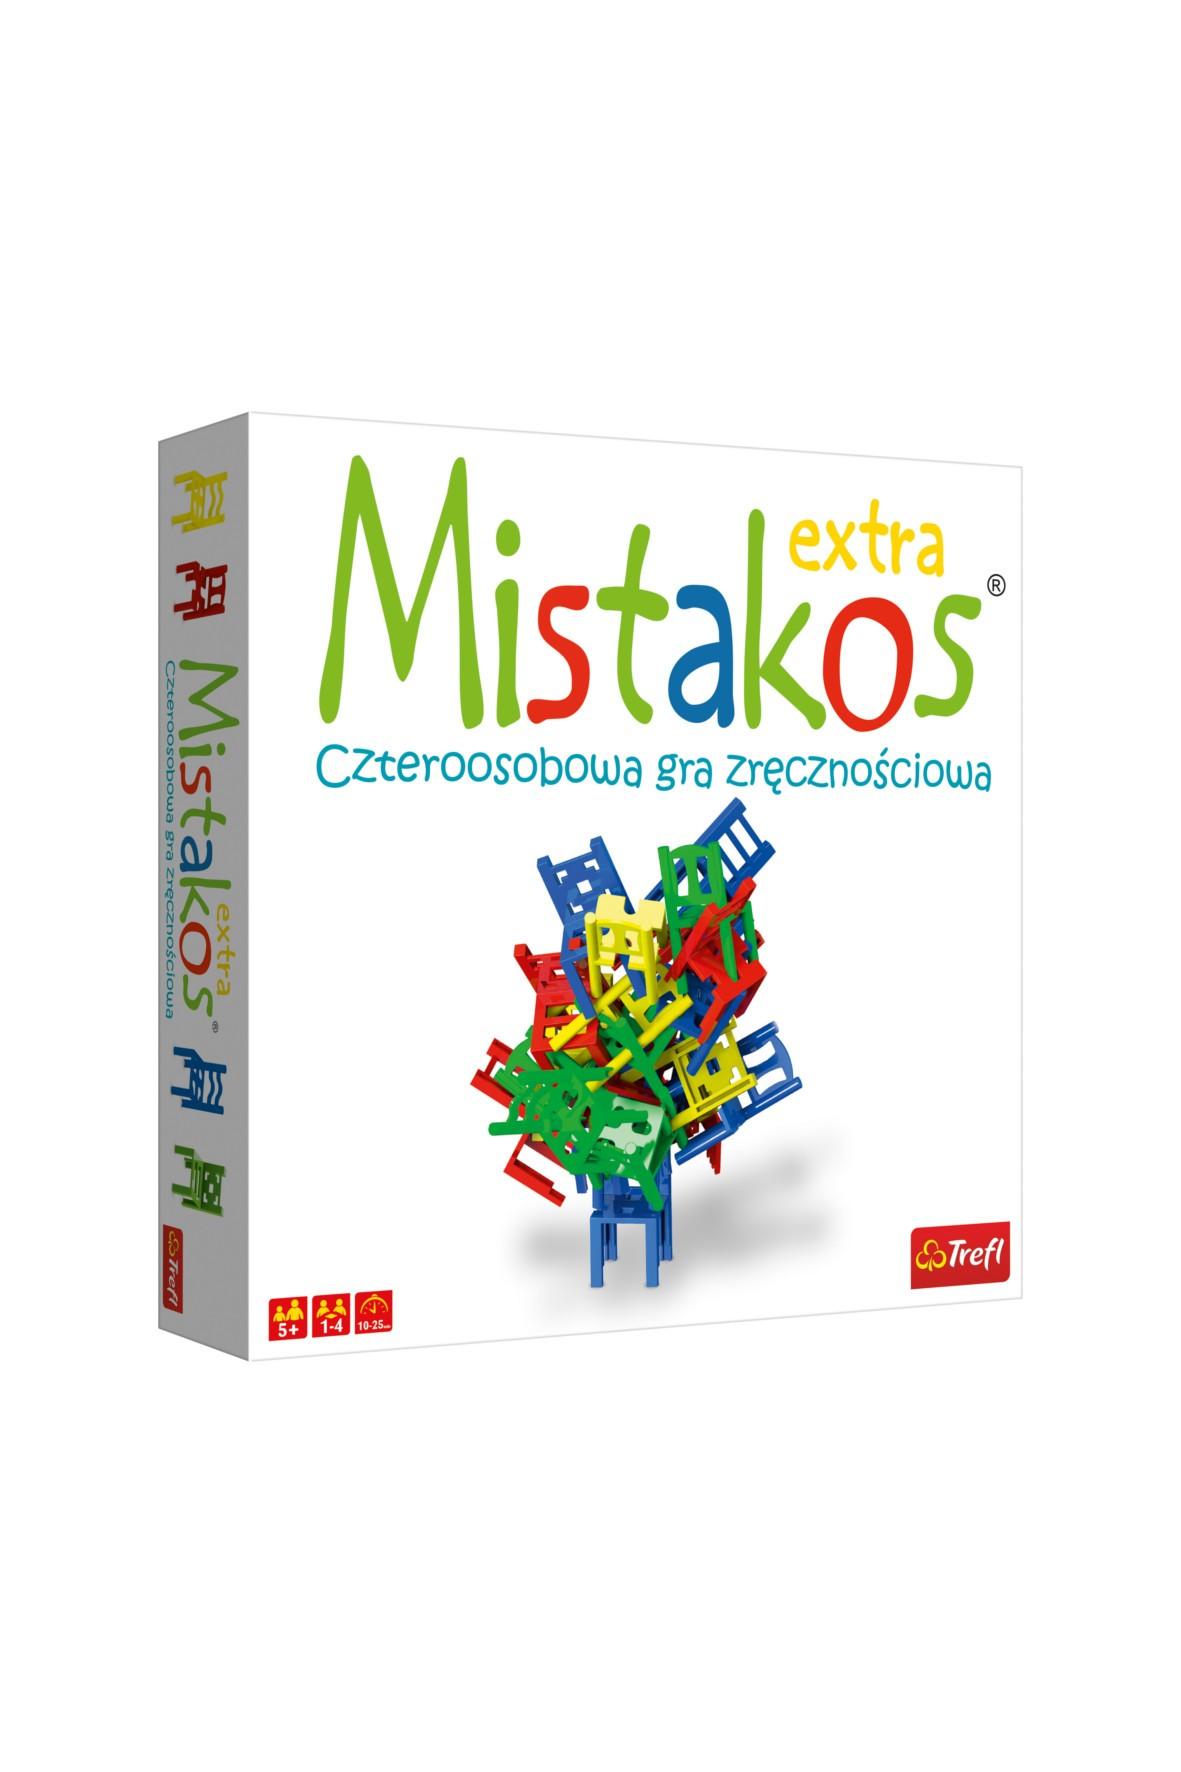 Gra Mistakos - Extra wersja dla 4 graczy